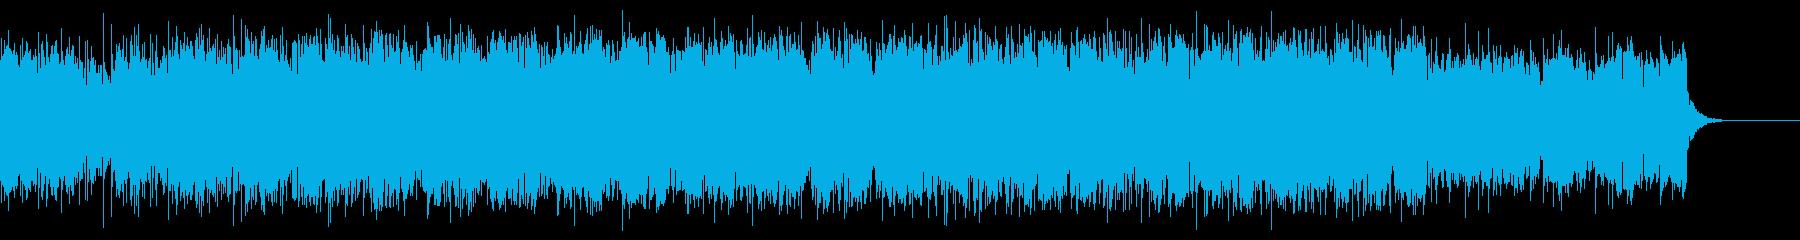 ニューエイジアンビエント研究所神秘...の再生済みの波形